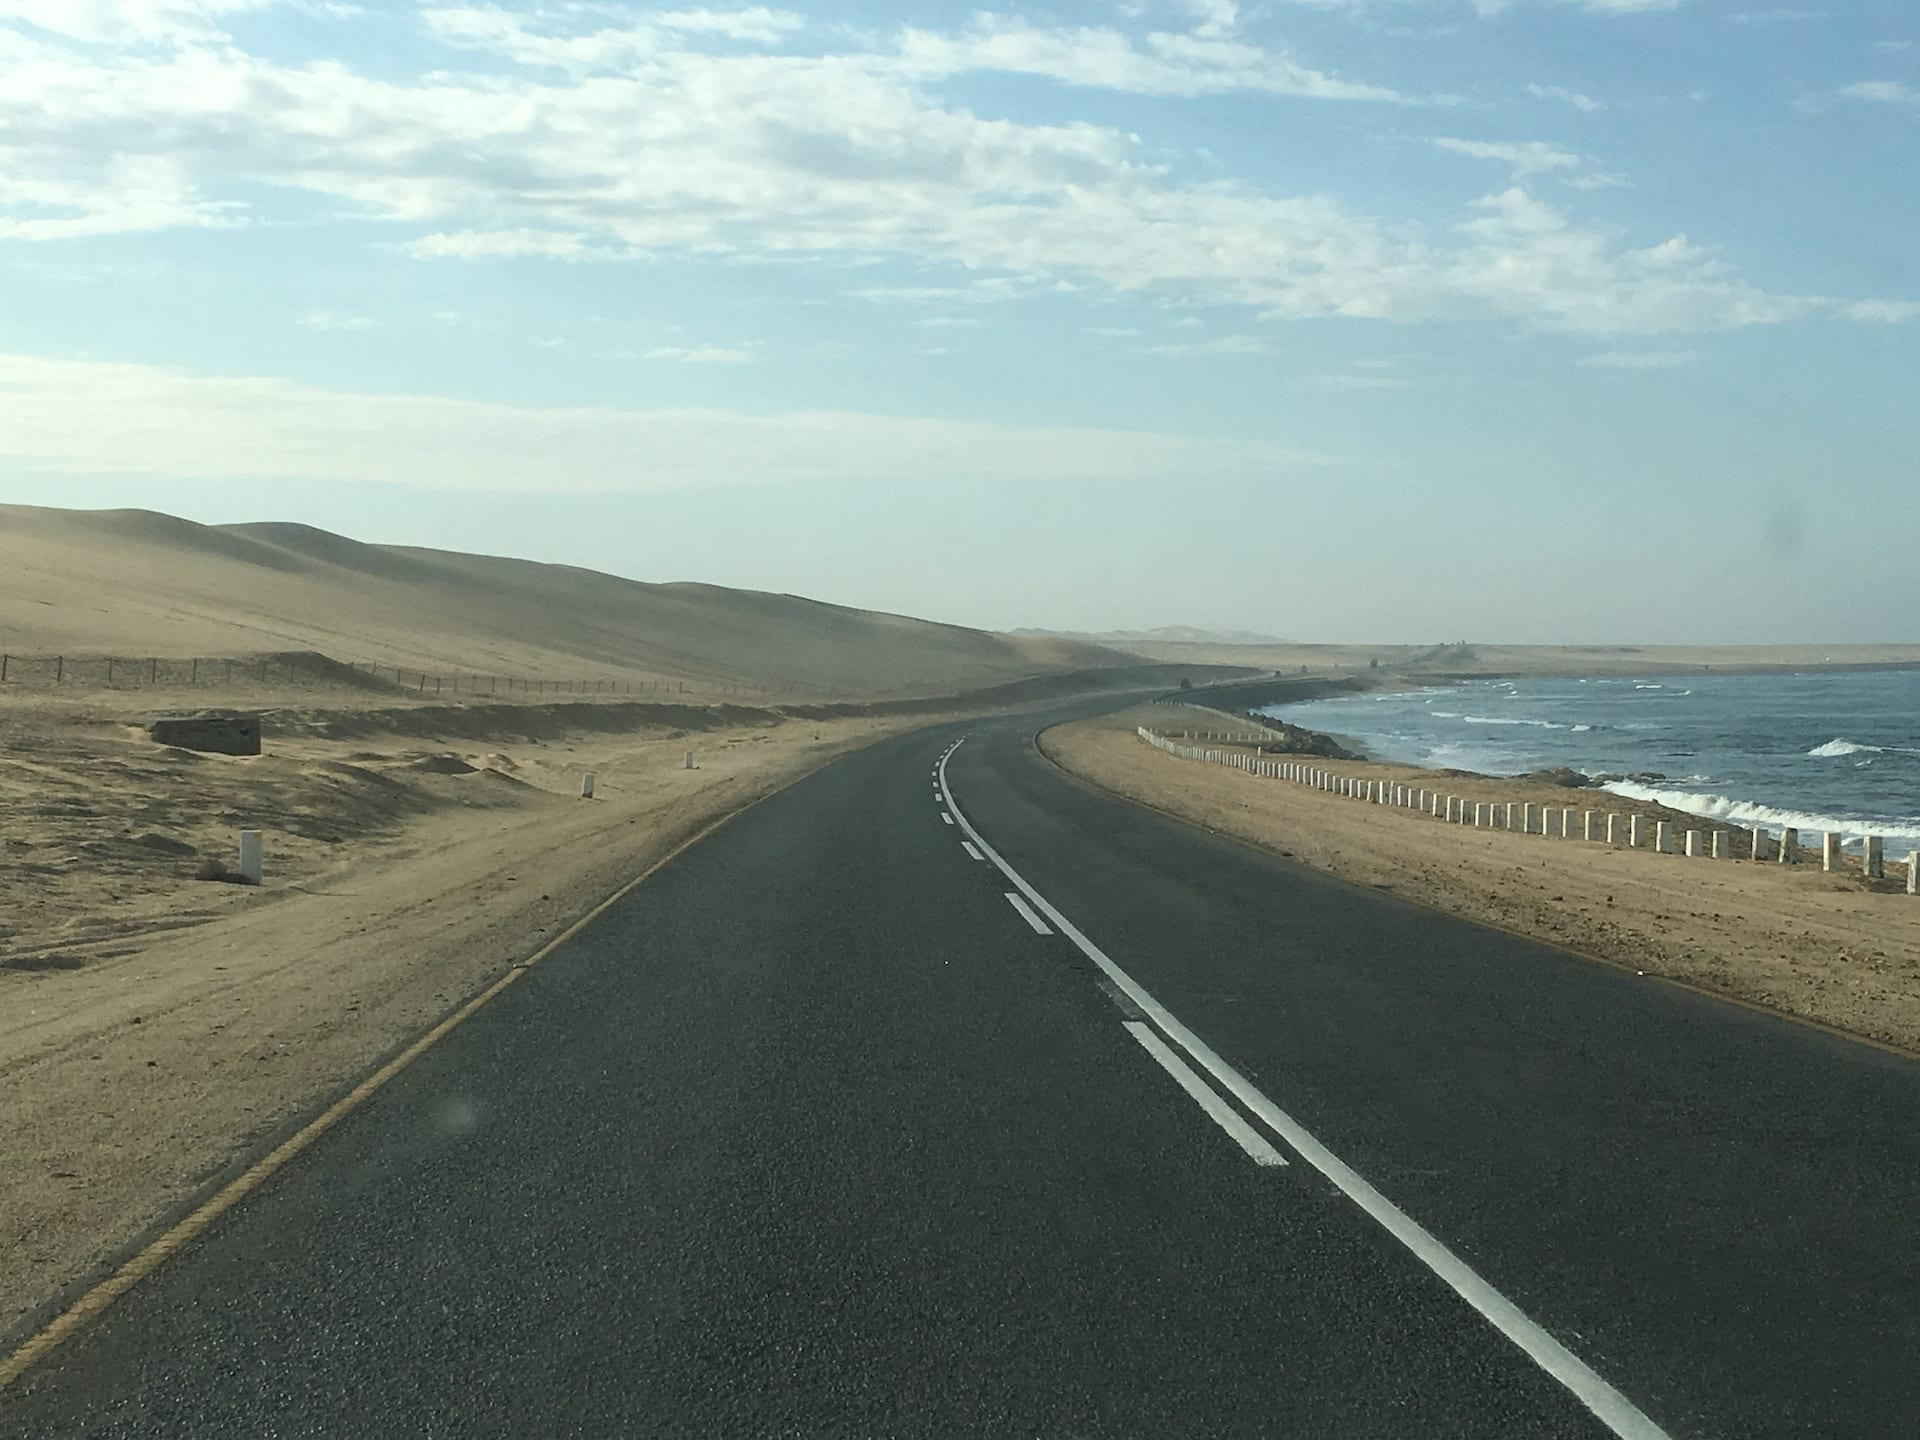 # FOTO - kustweg tussen swakop en walvis - Swakopmund - GSM LEIN_4368